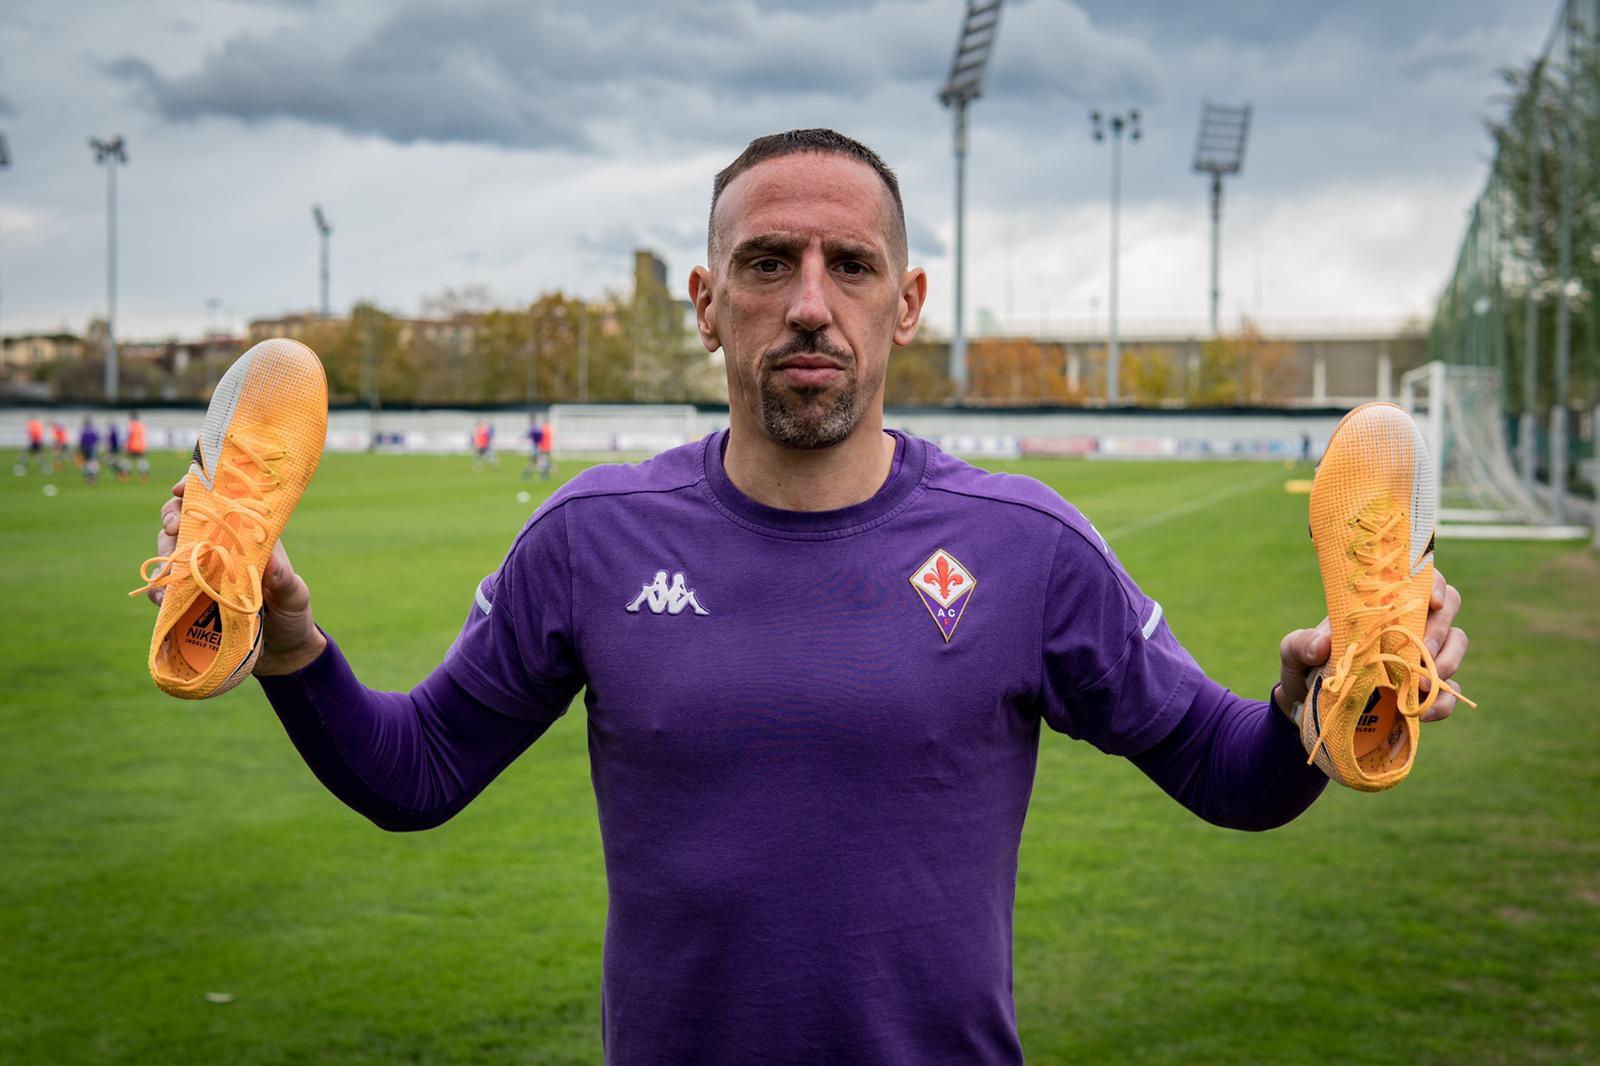 Fiorentina, scarpe in mano contro la DMD